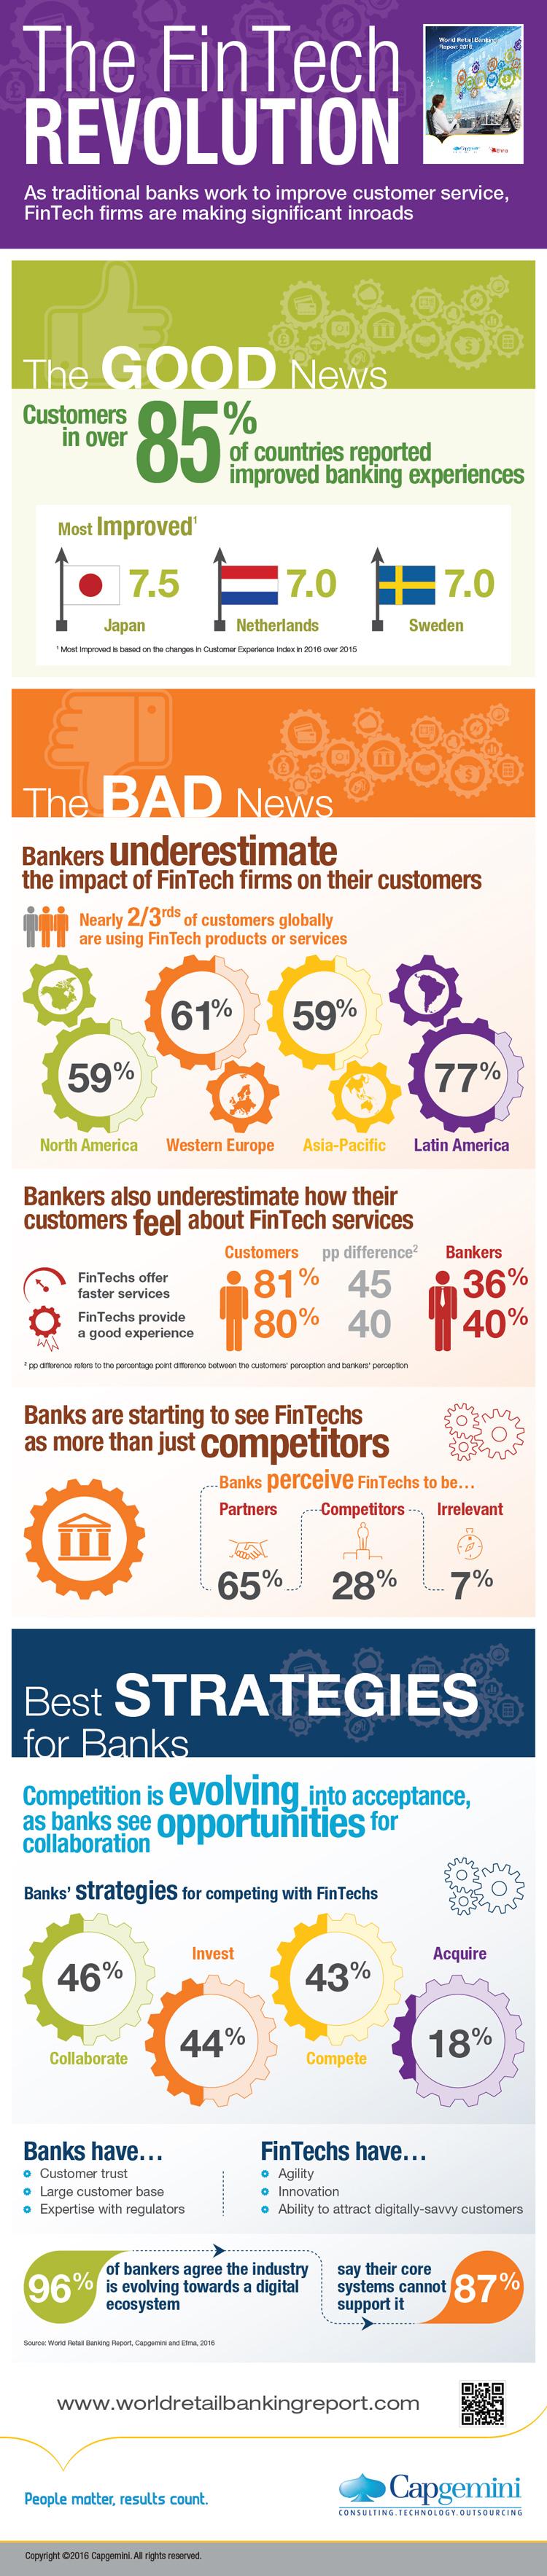 Wichtige Entwicklungen im weltweiten Retail Banking